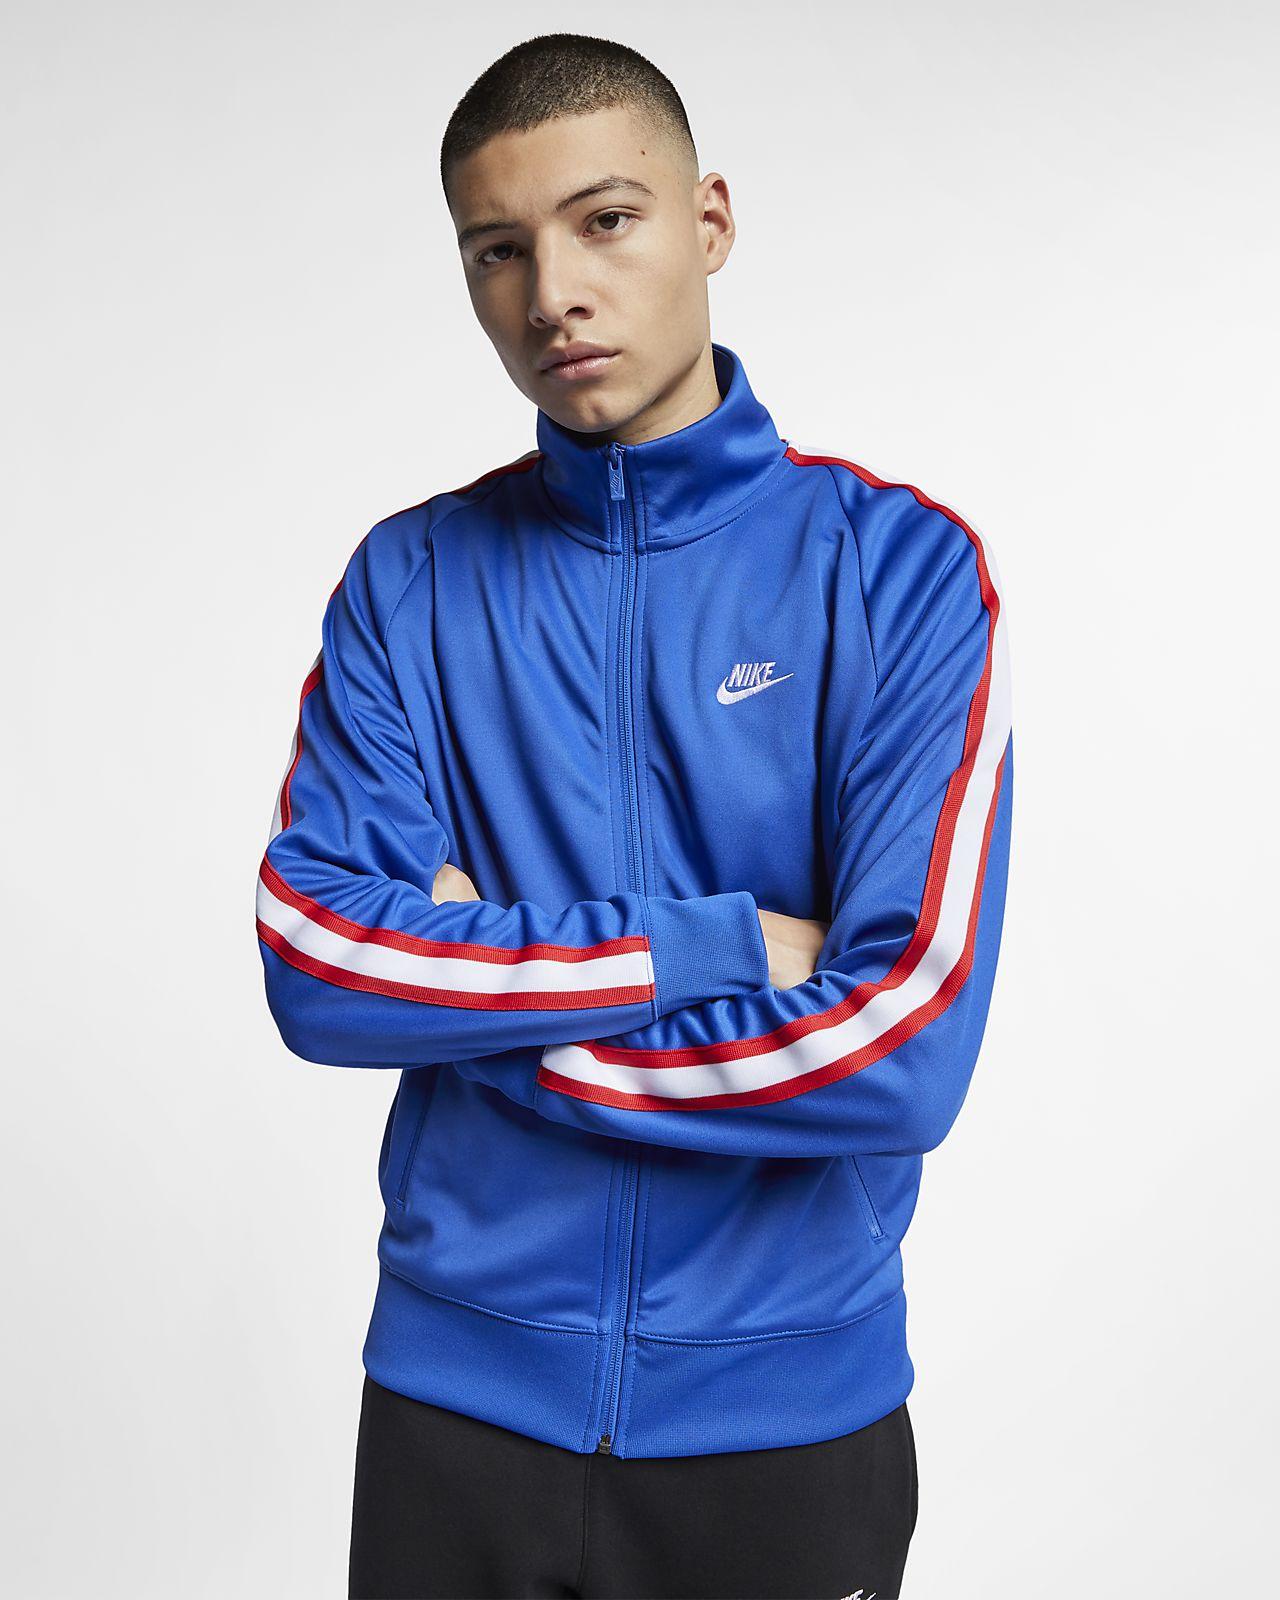 Nike Sportswear N98 男子夹克